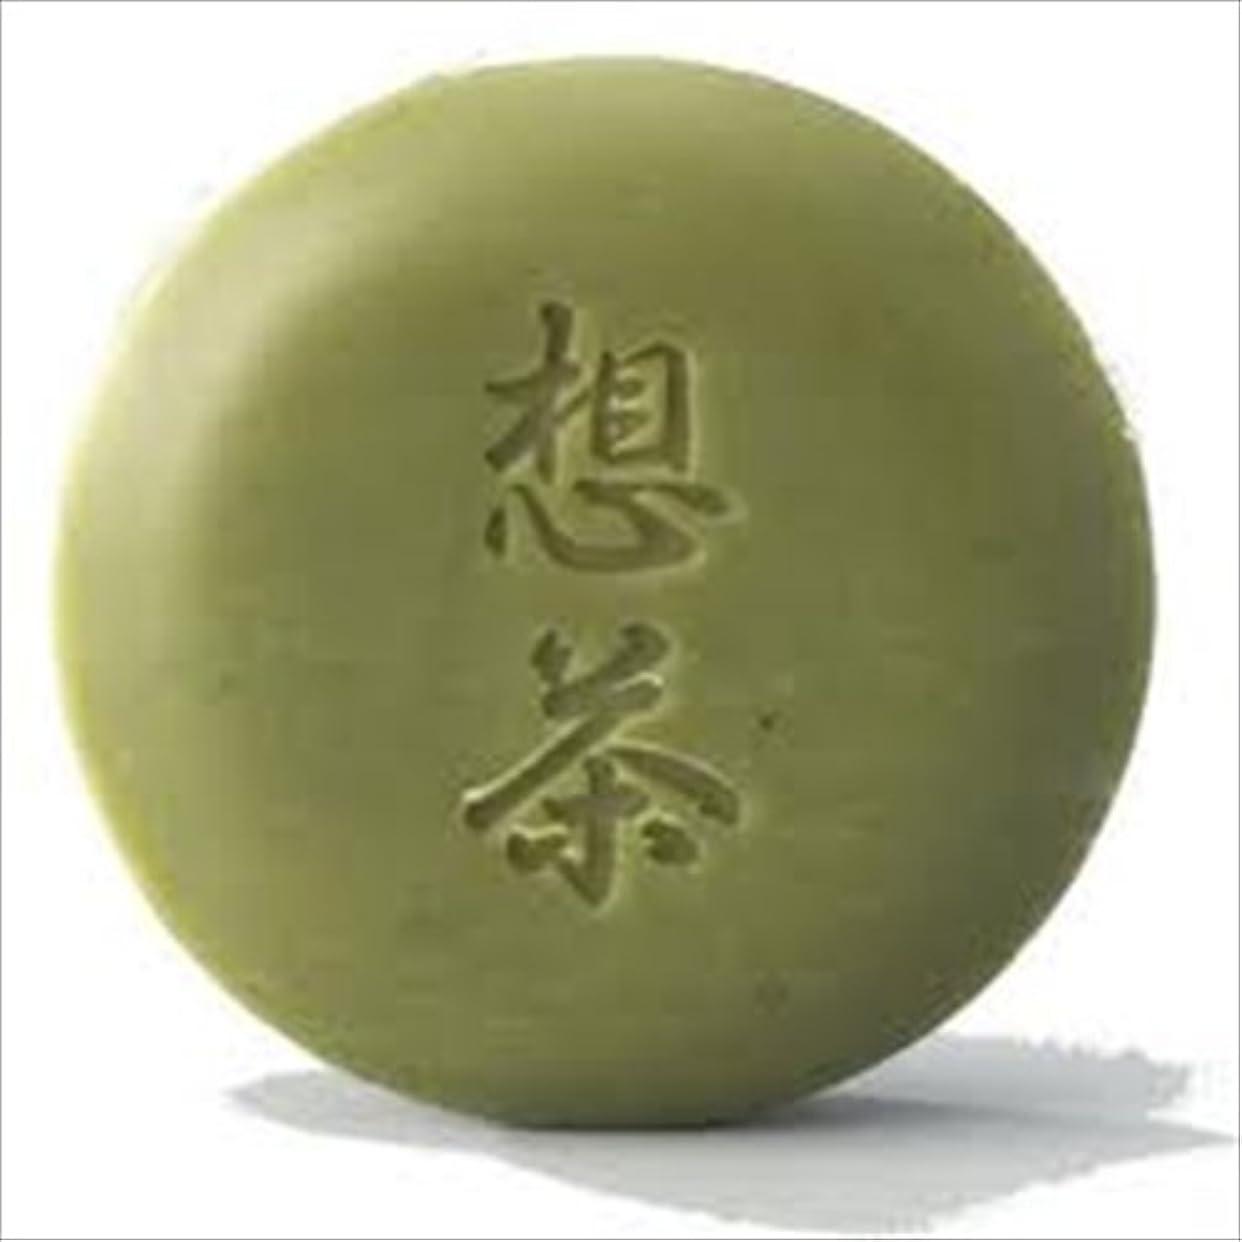 安らぎ二年生特殊静岡茶粉末入 想茶石鹸